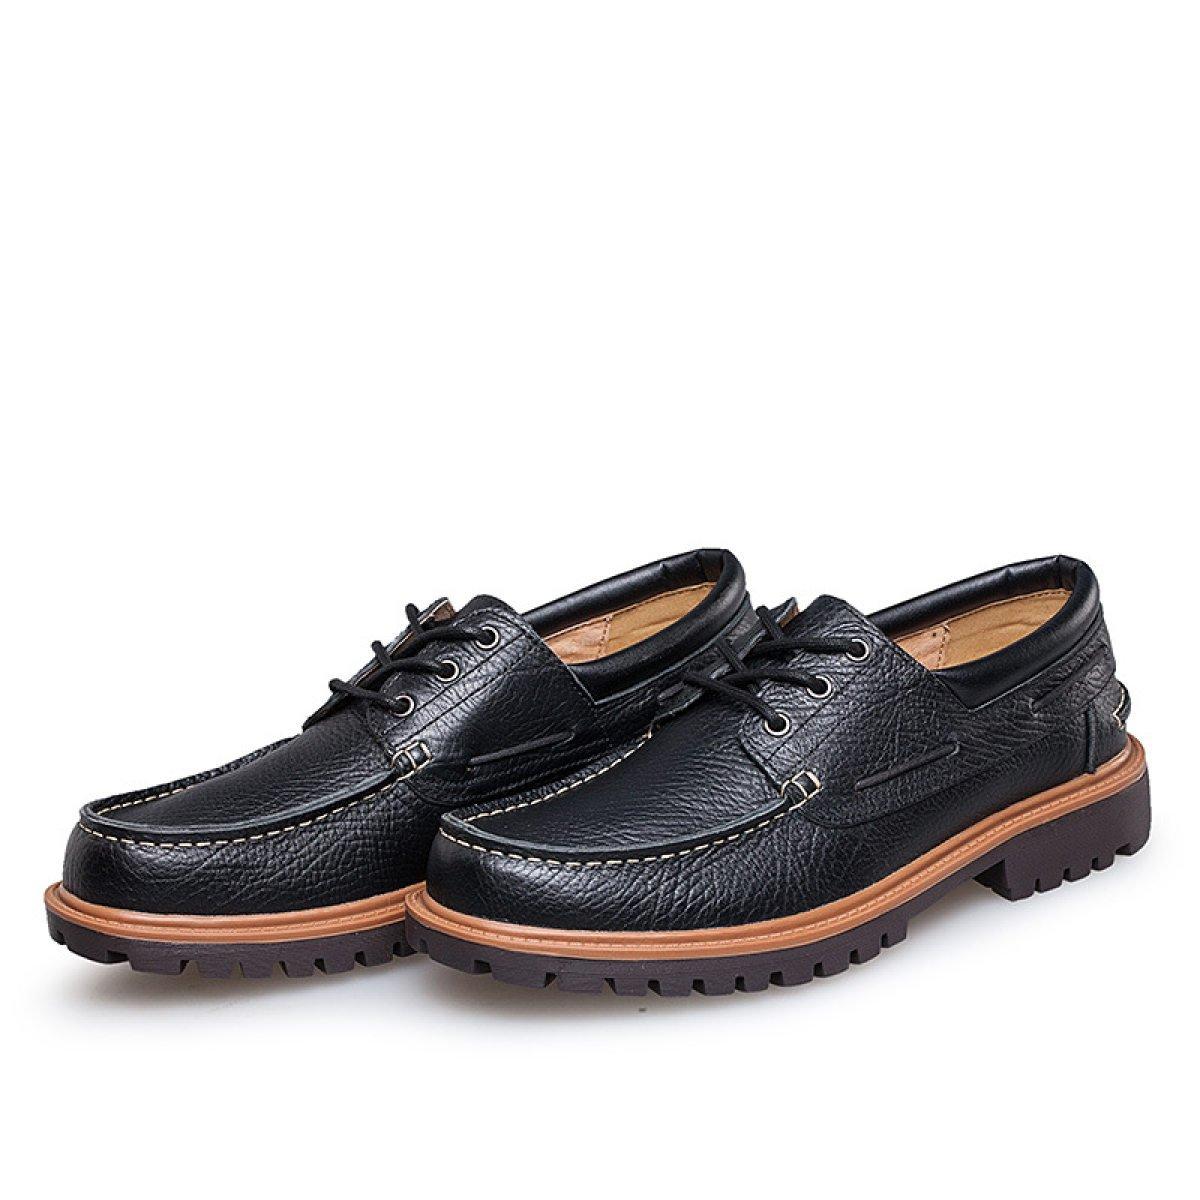 GTYMFH Otoño E Invierno Hombres Hombres Hombres Negocios Zapatos Casuales Redondos Moda áspero Con Los Zapatos De Los Hombres 2c470d